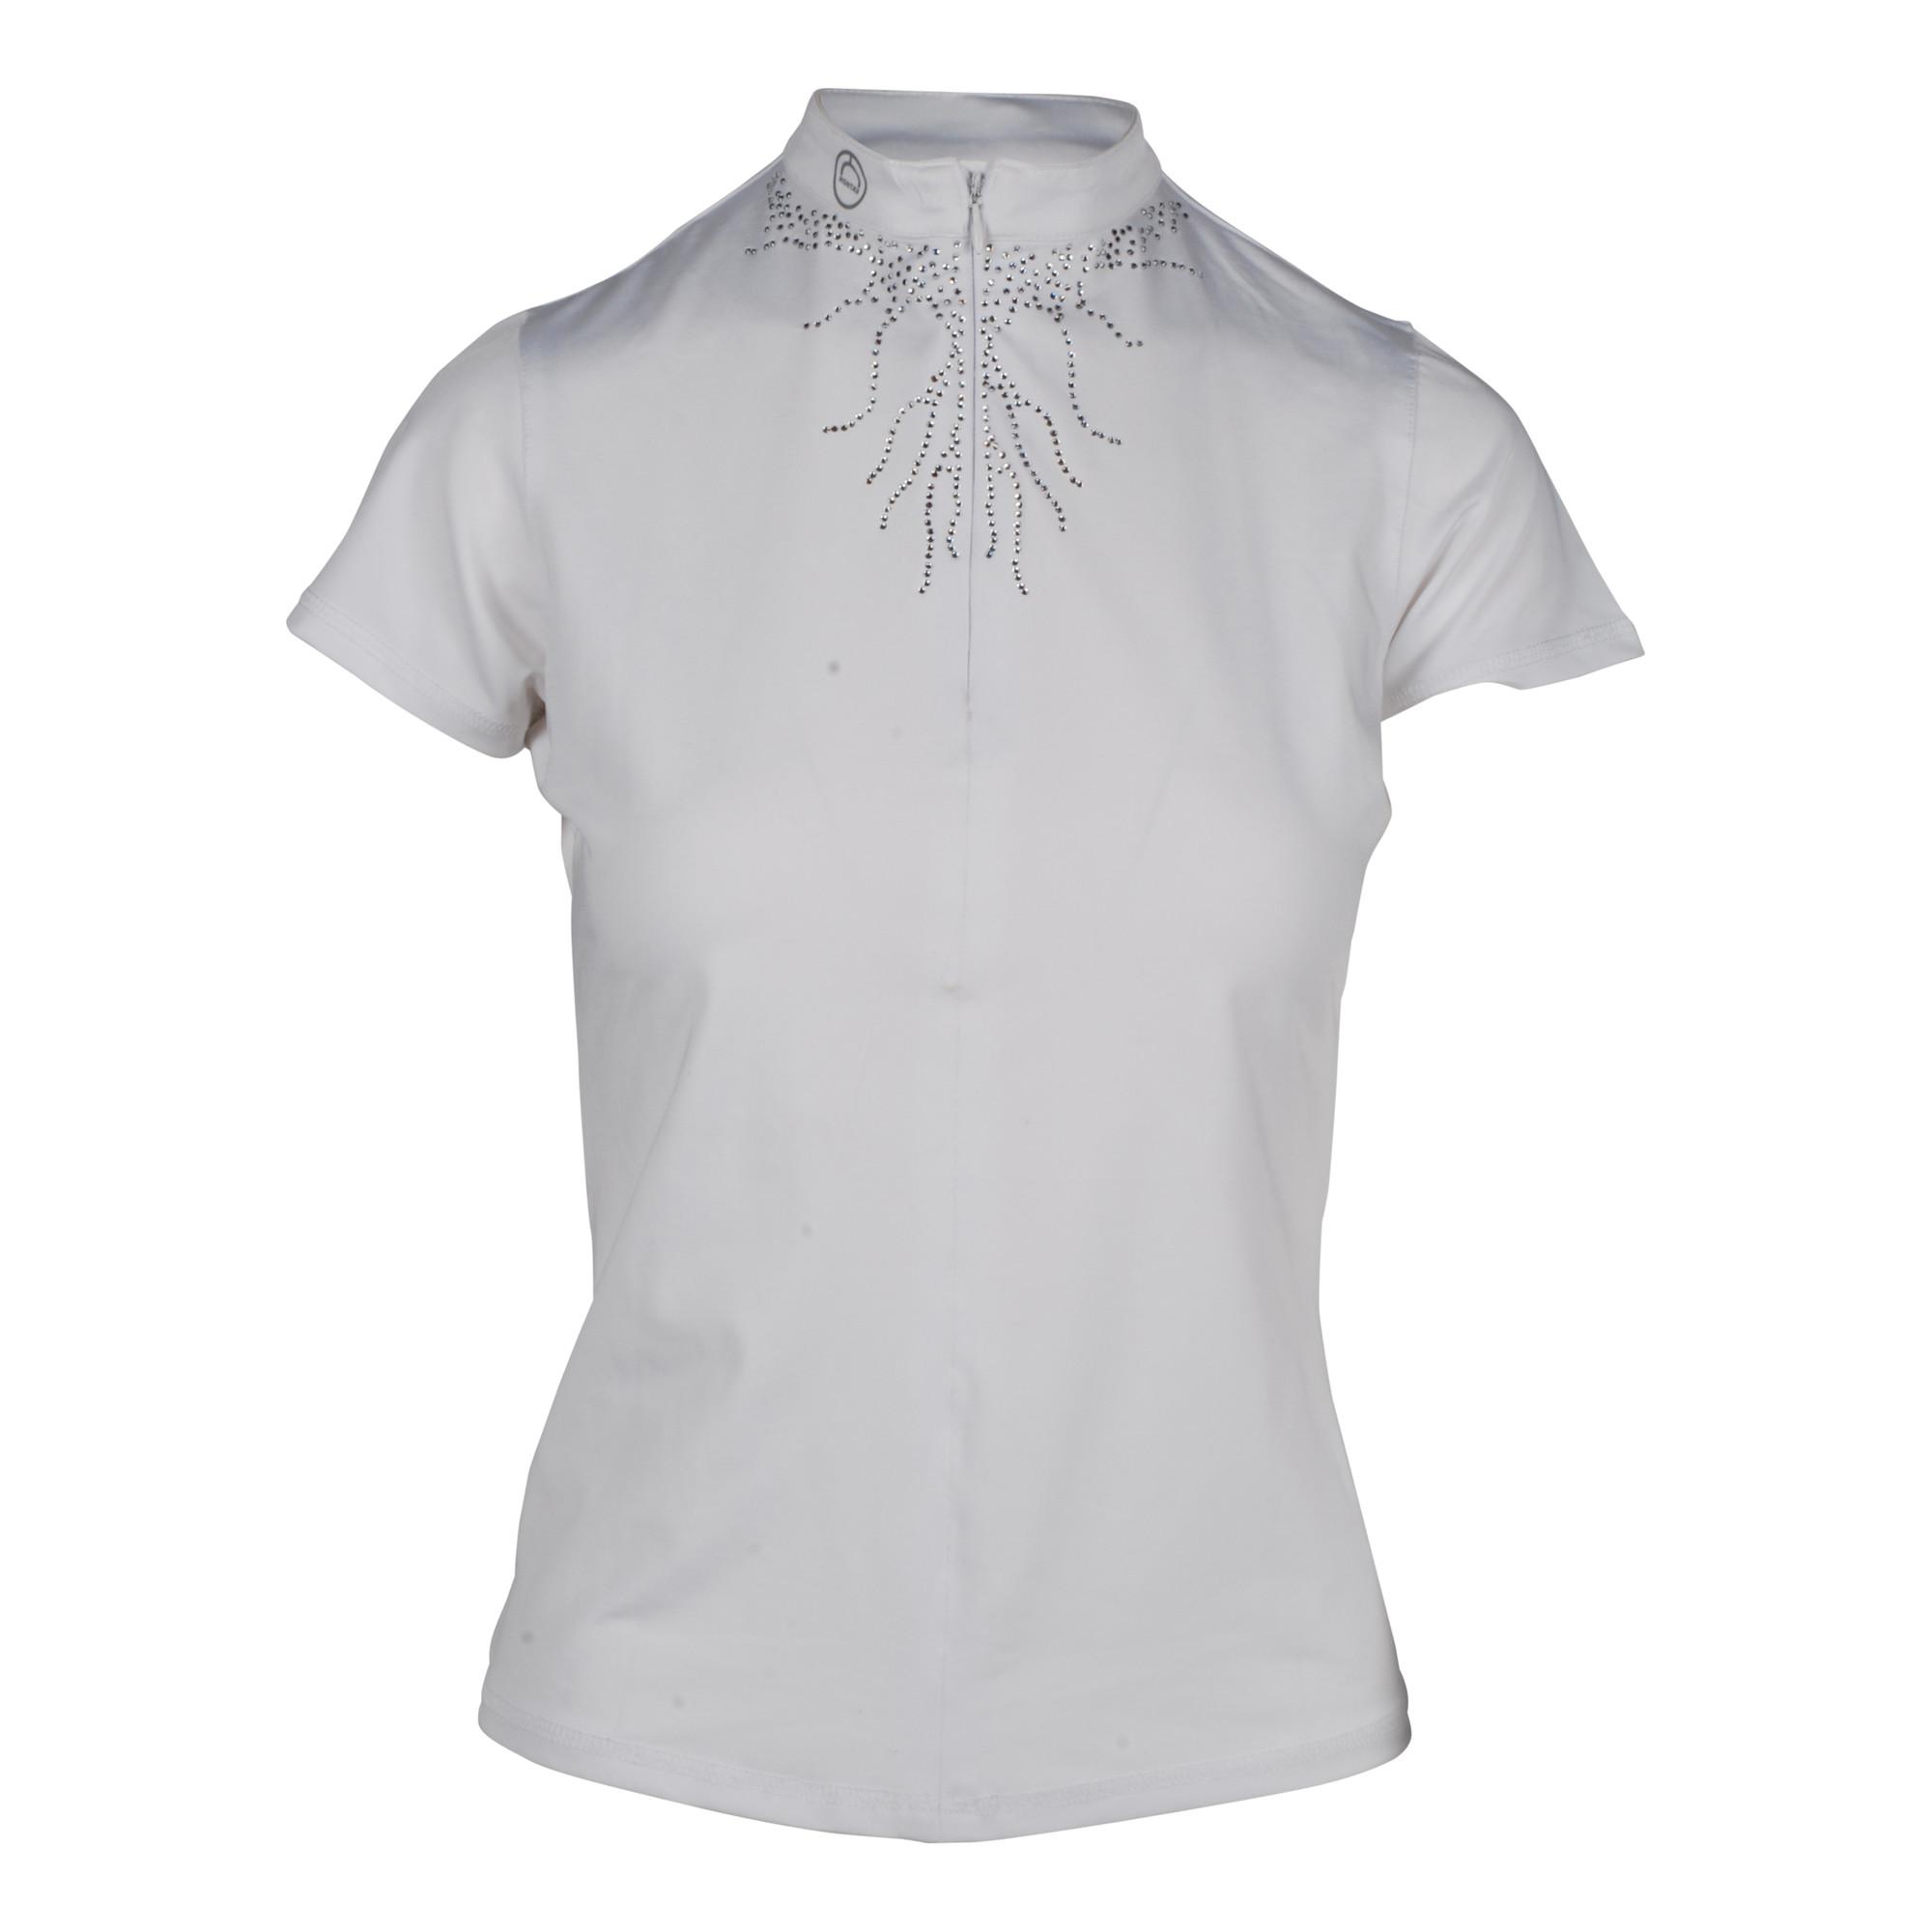 Montar Juliana wedstrijdshirt wit maat:xs